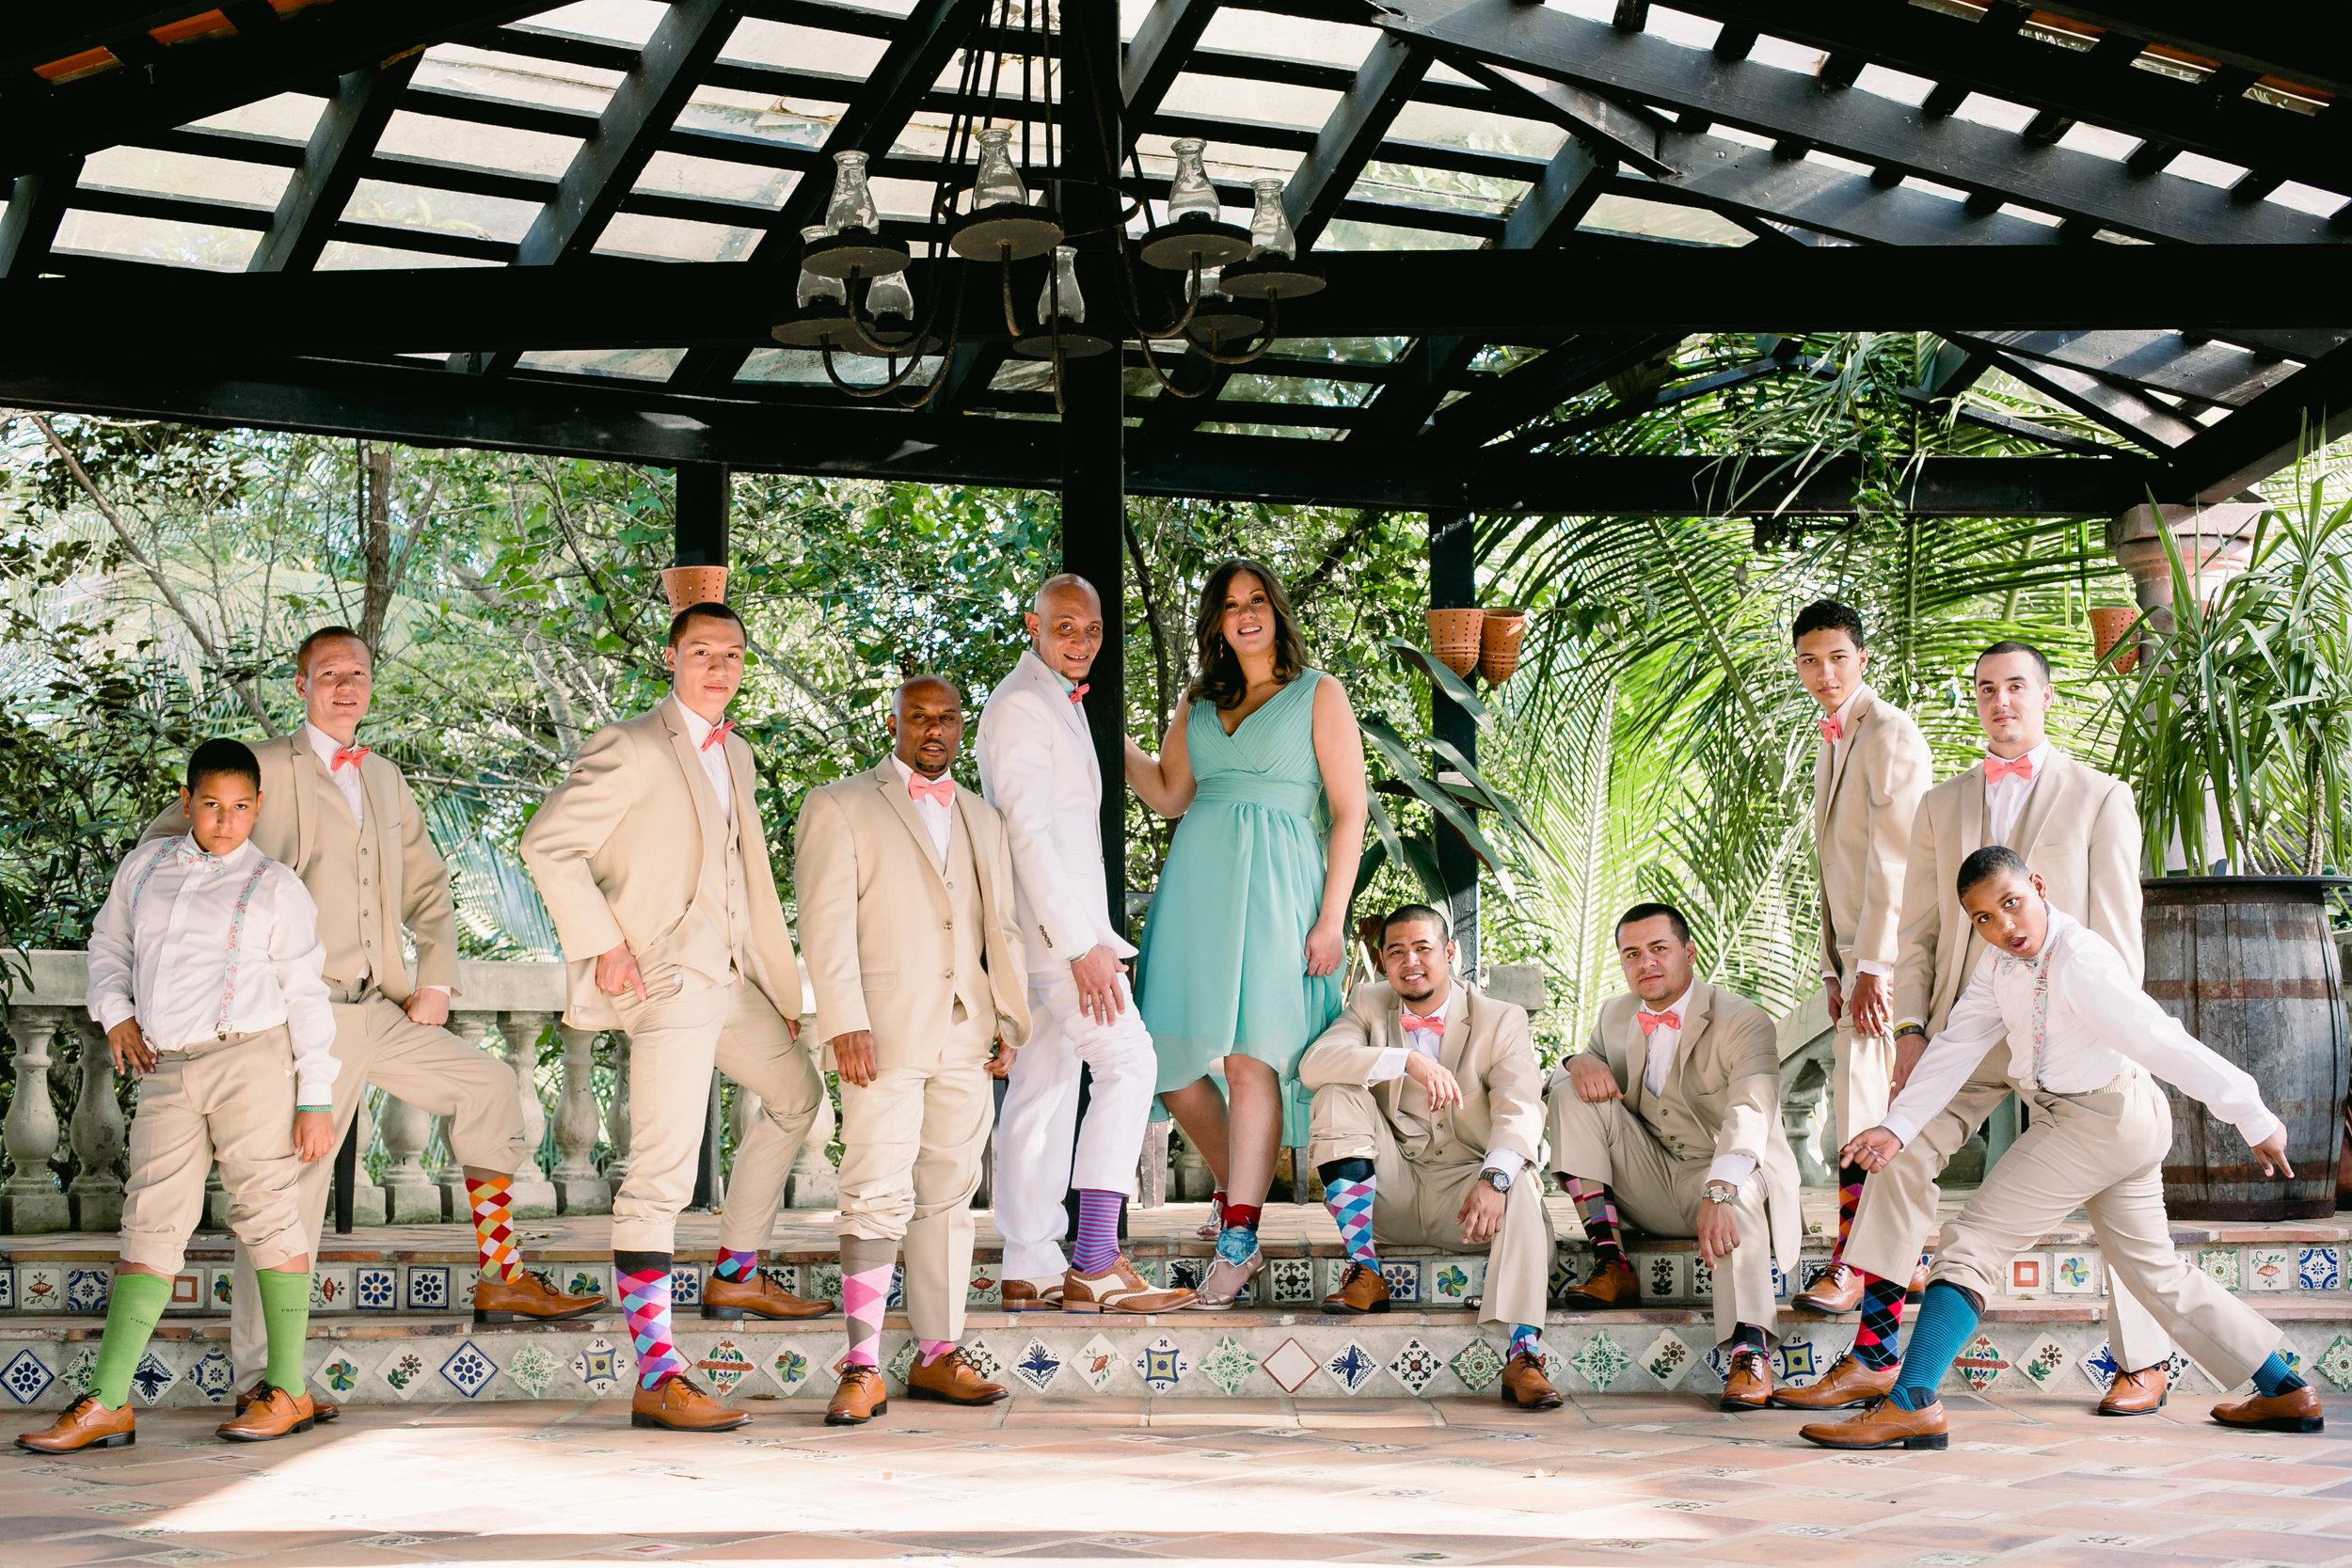 destination wedding puerto rico hacienda siesta alegre_0621.JPG